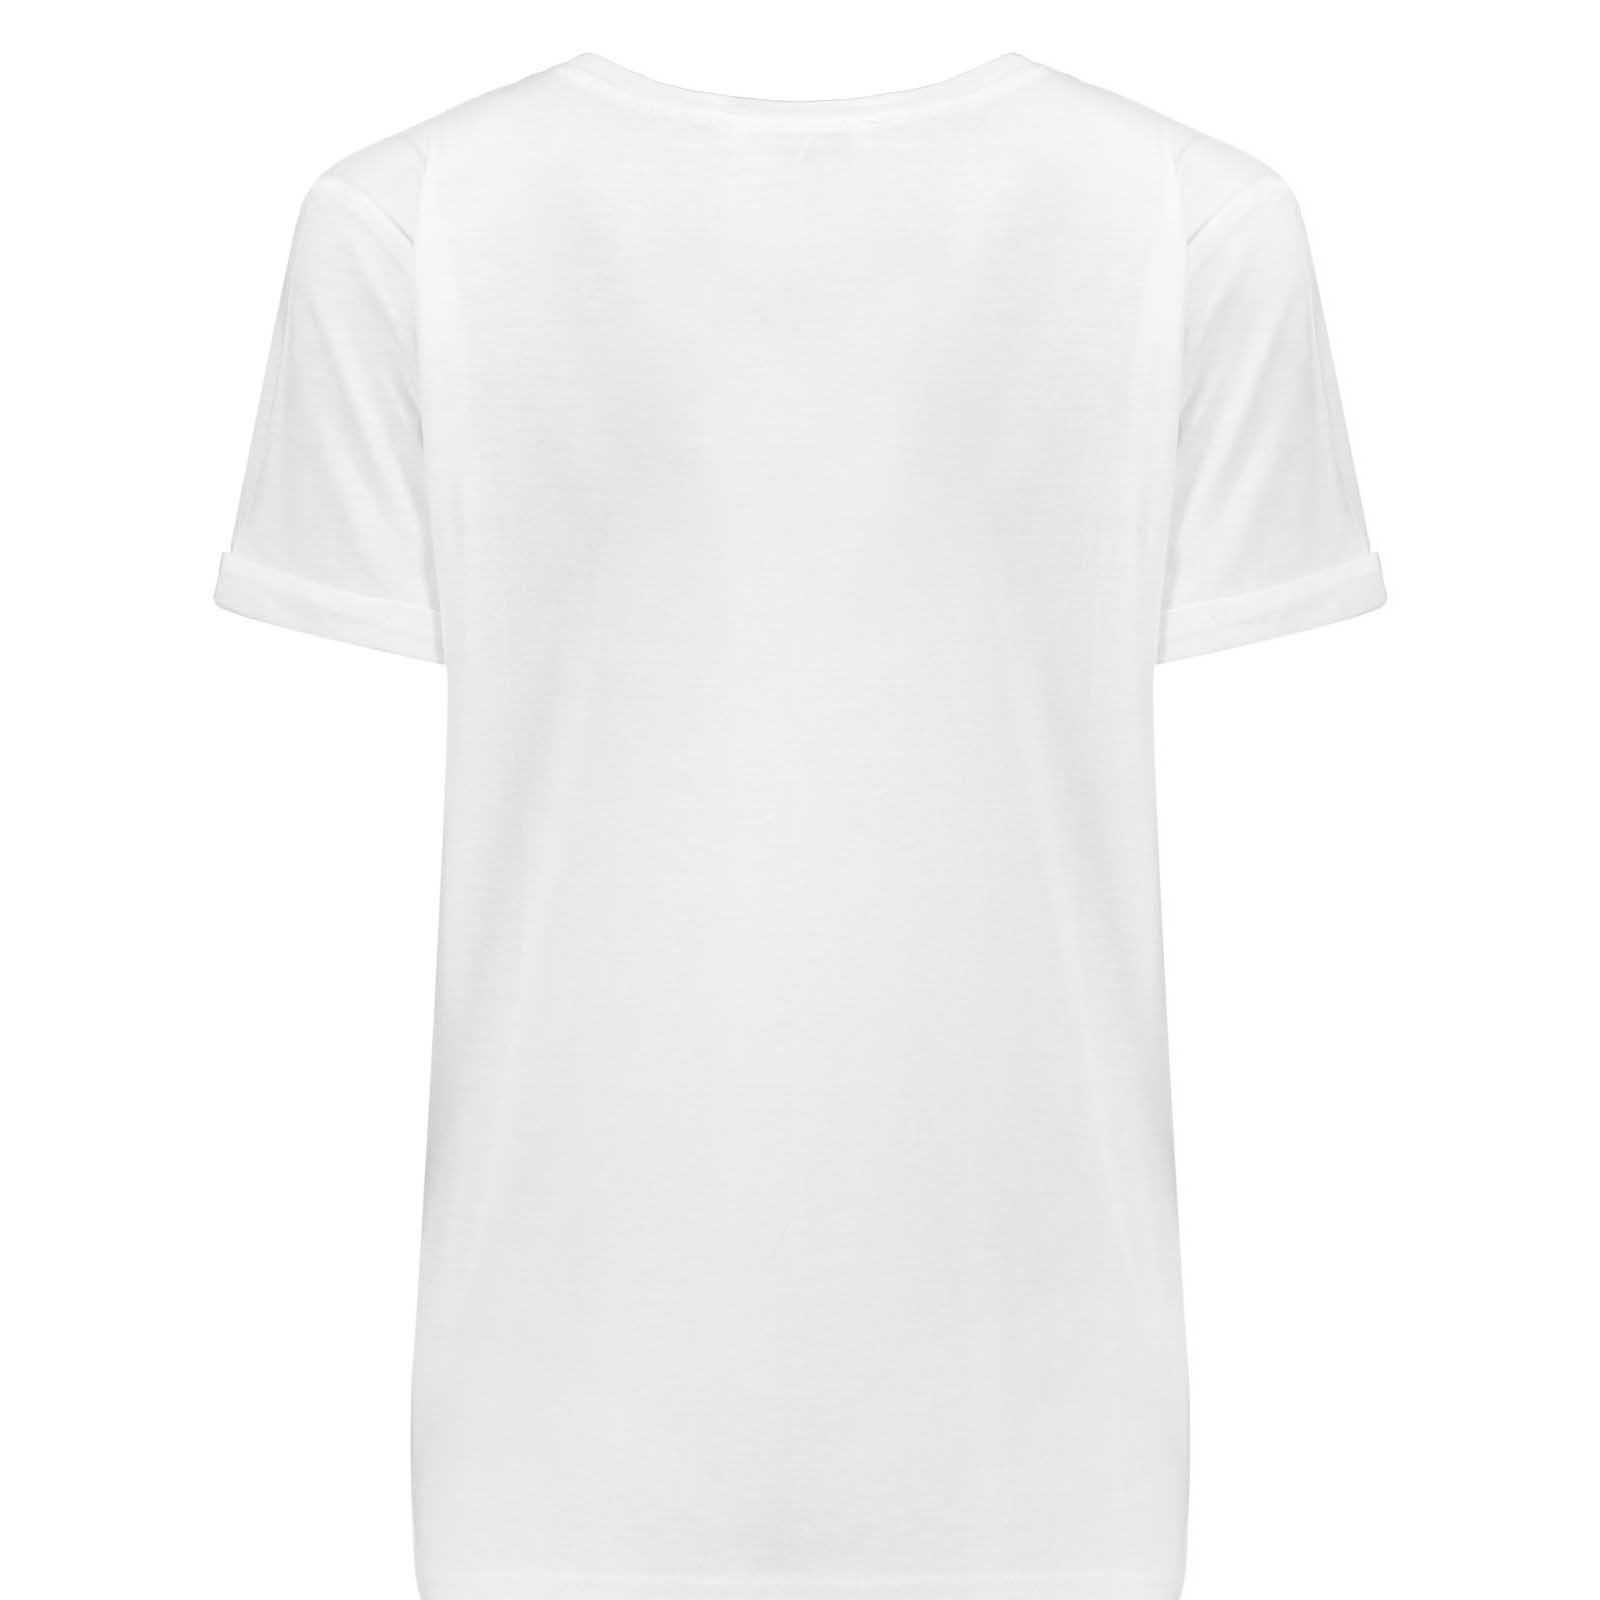 تیشرت آستین کوتاه زنانه کد b24 رنگ سفید